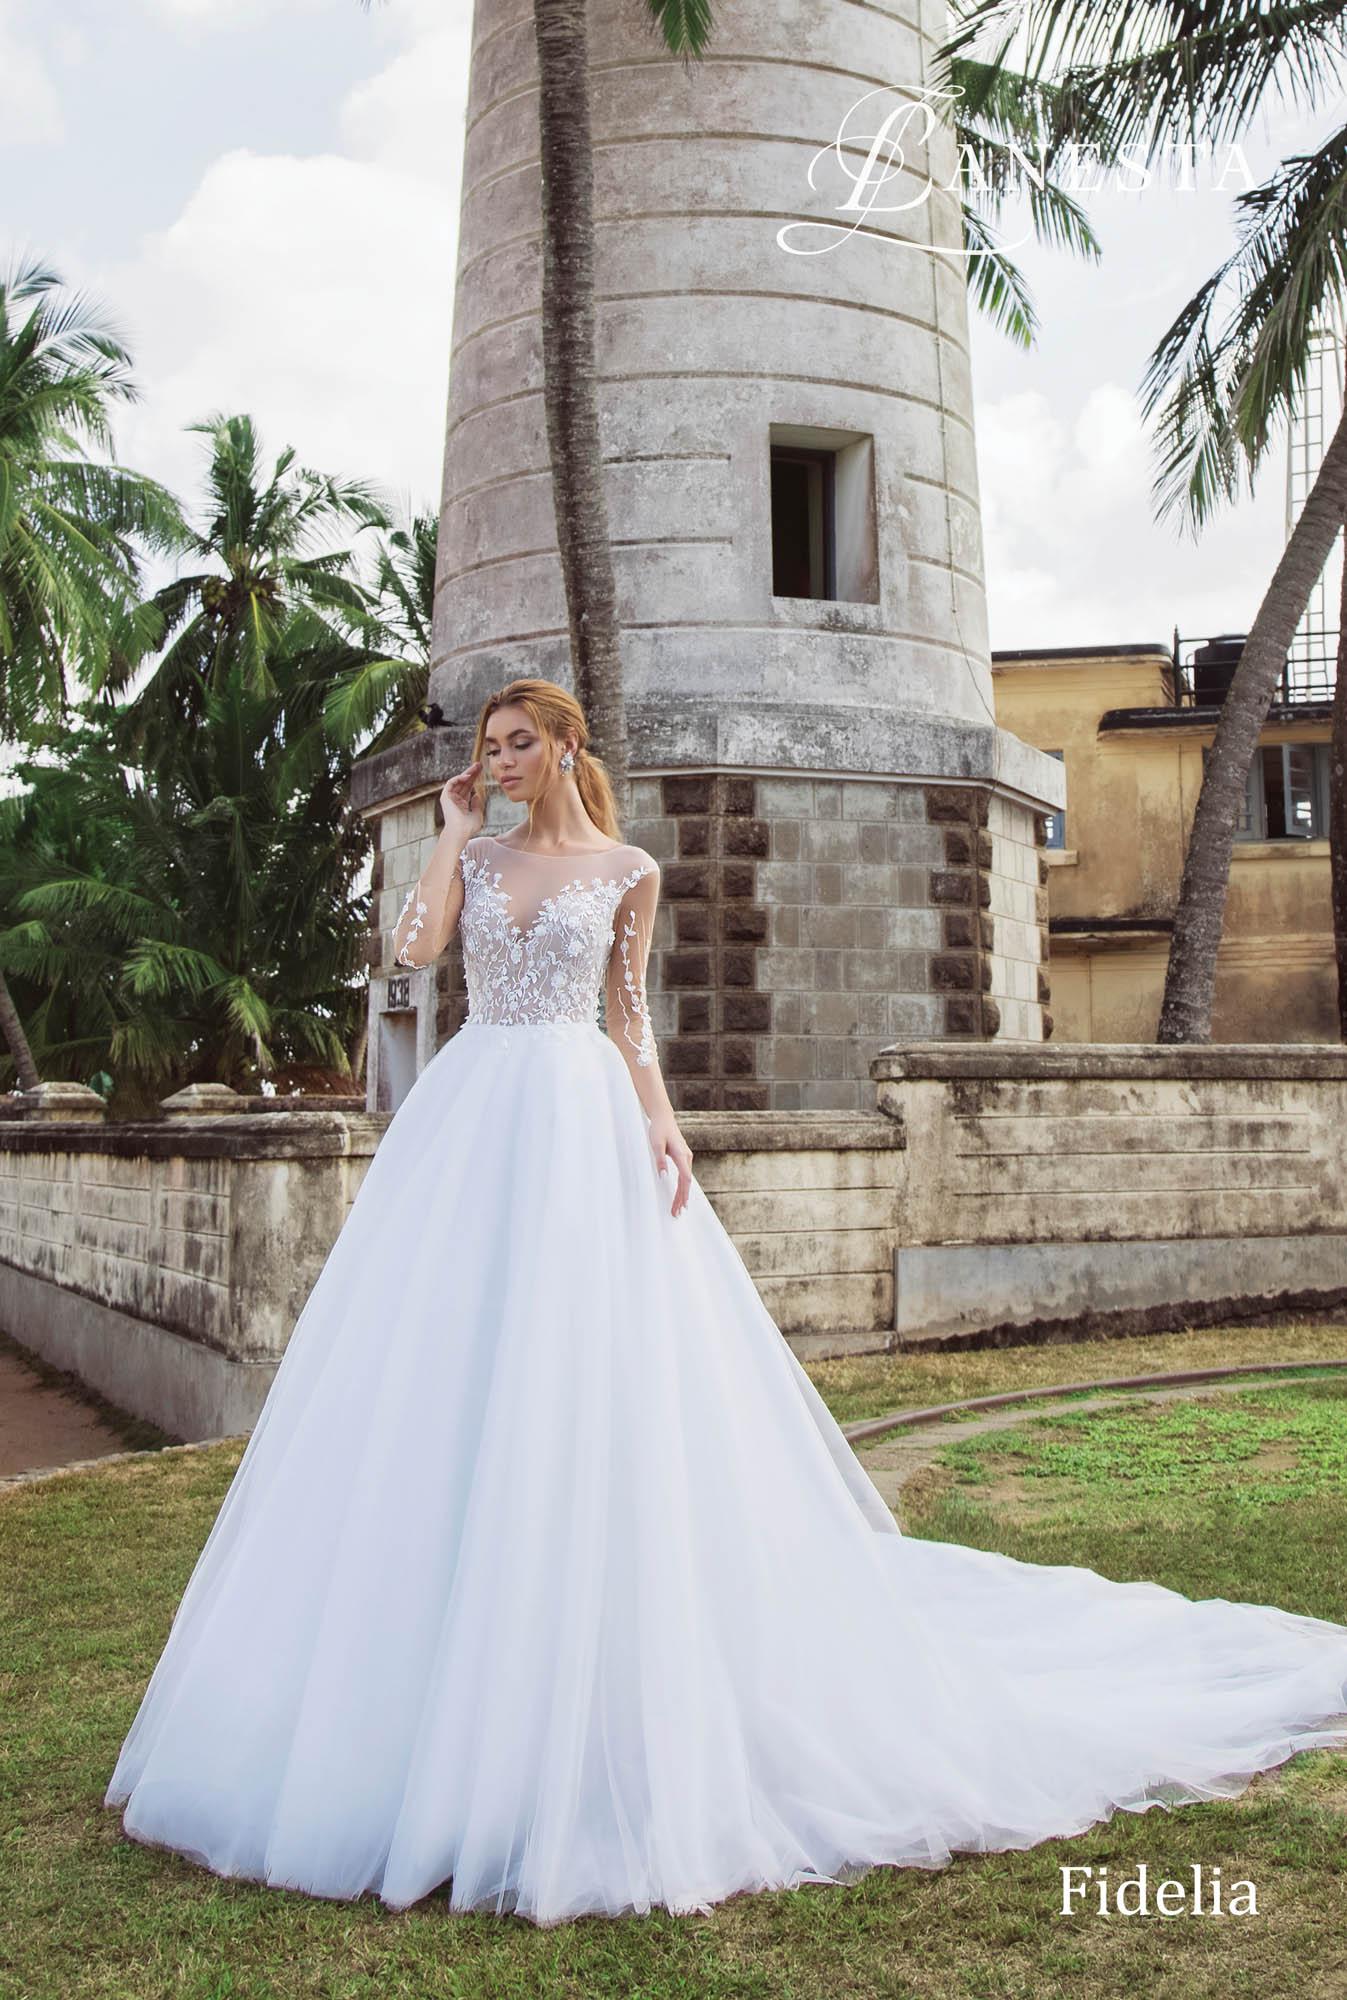 Cвадебное платье Fidelia